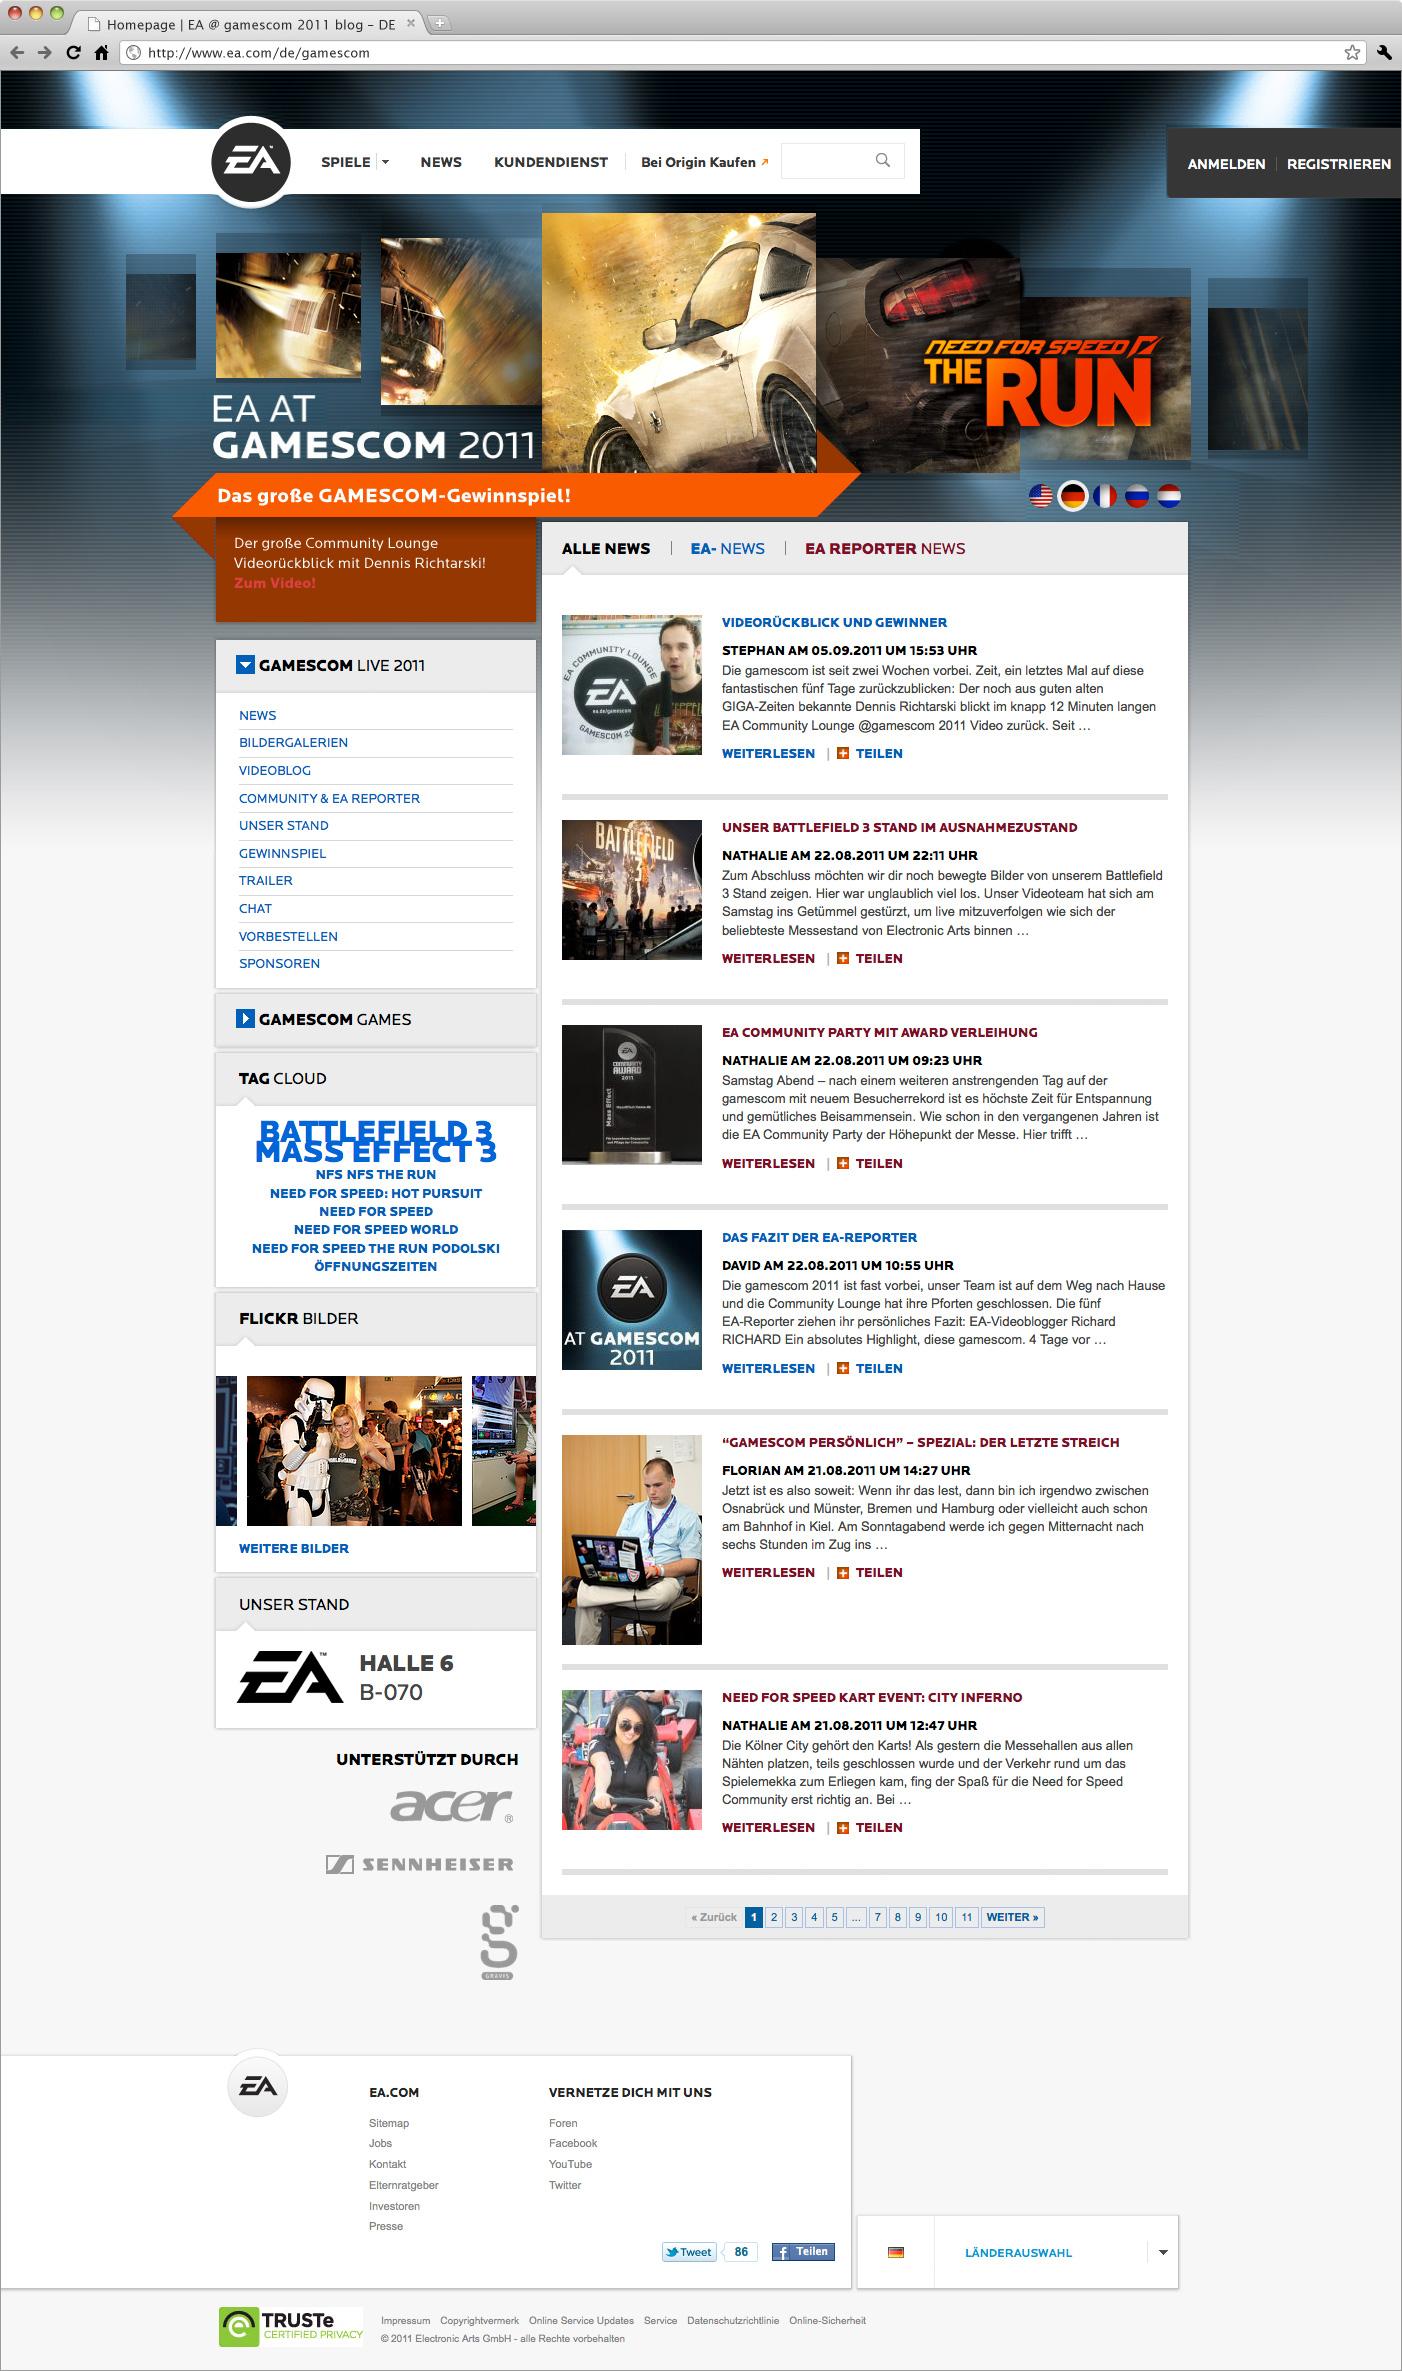 EA-at-gamescom-2011-Screen-Webdesign: Webdesign der von okamo aus Berlin gestalteten Homepage des Messewebauftritts von EA Electronic Arts auf der gamescom 2011 in Köln mit prominentem Headerbild und der zentralen Blog-Ansicht mit minutenaktuellen News von der Messe